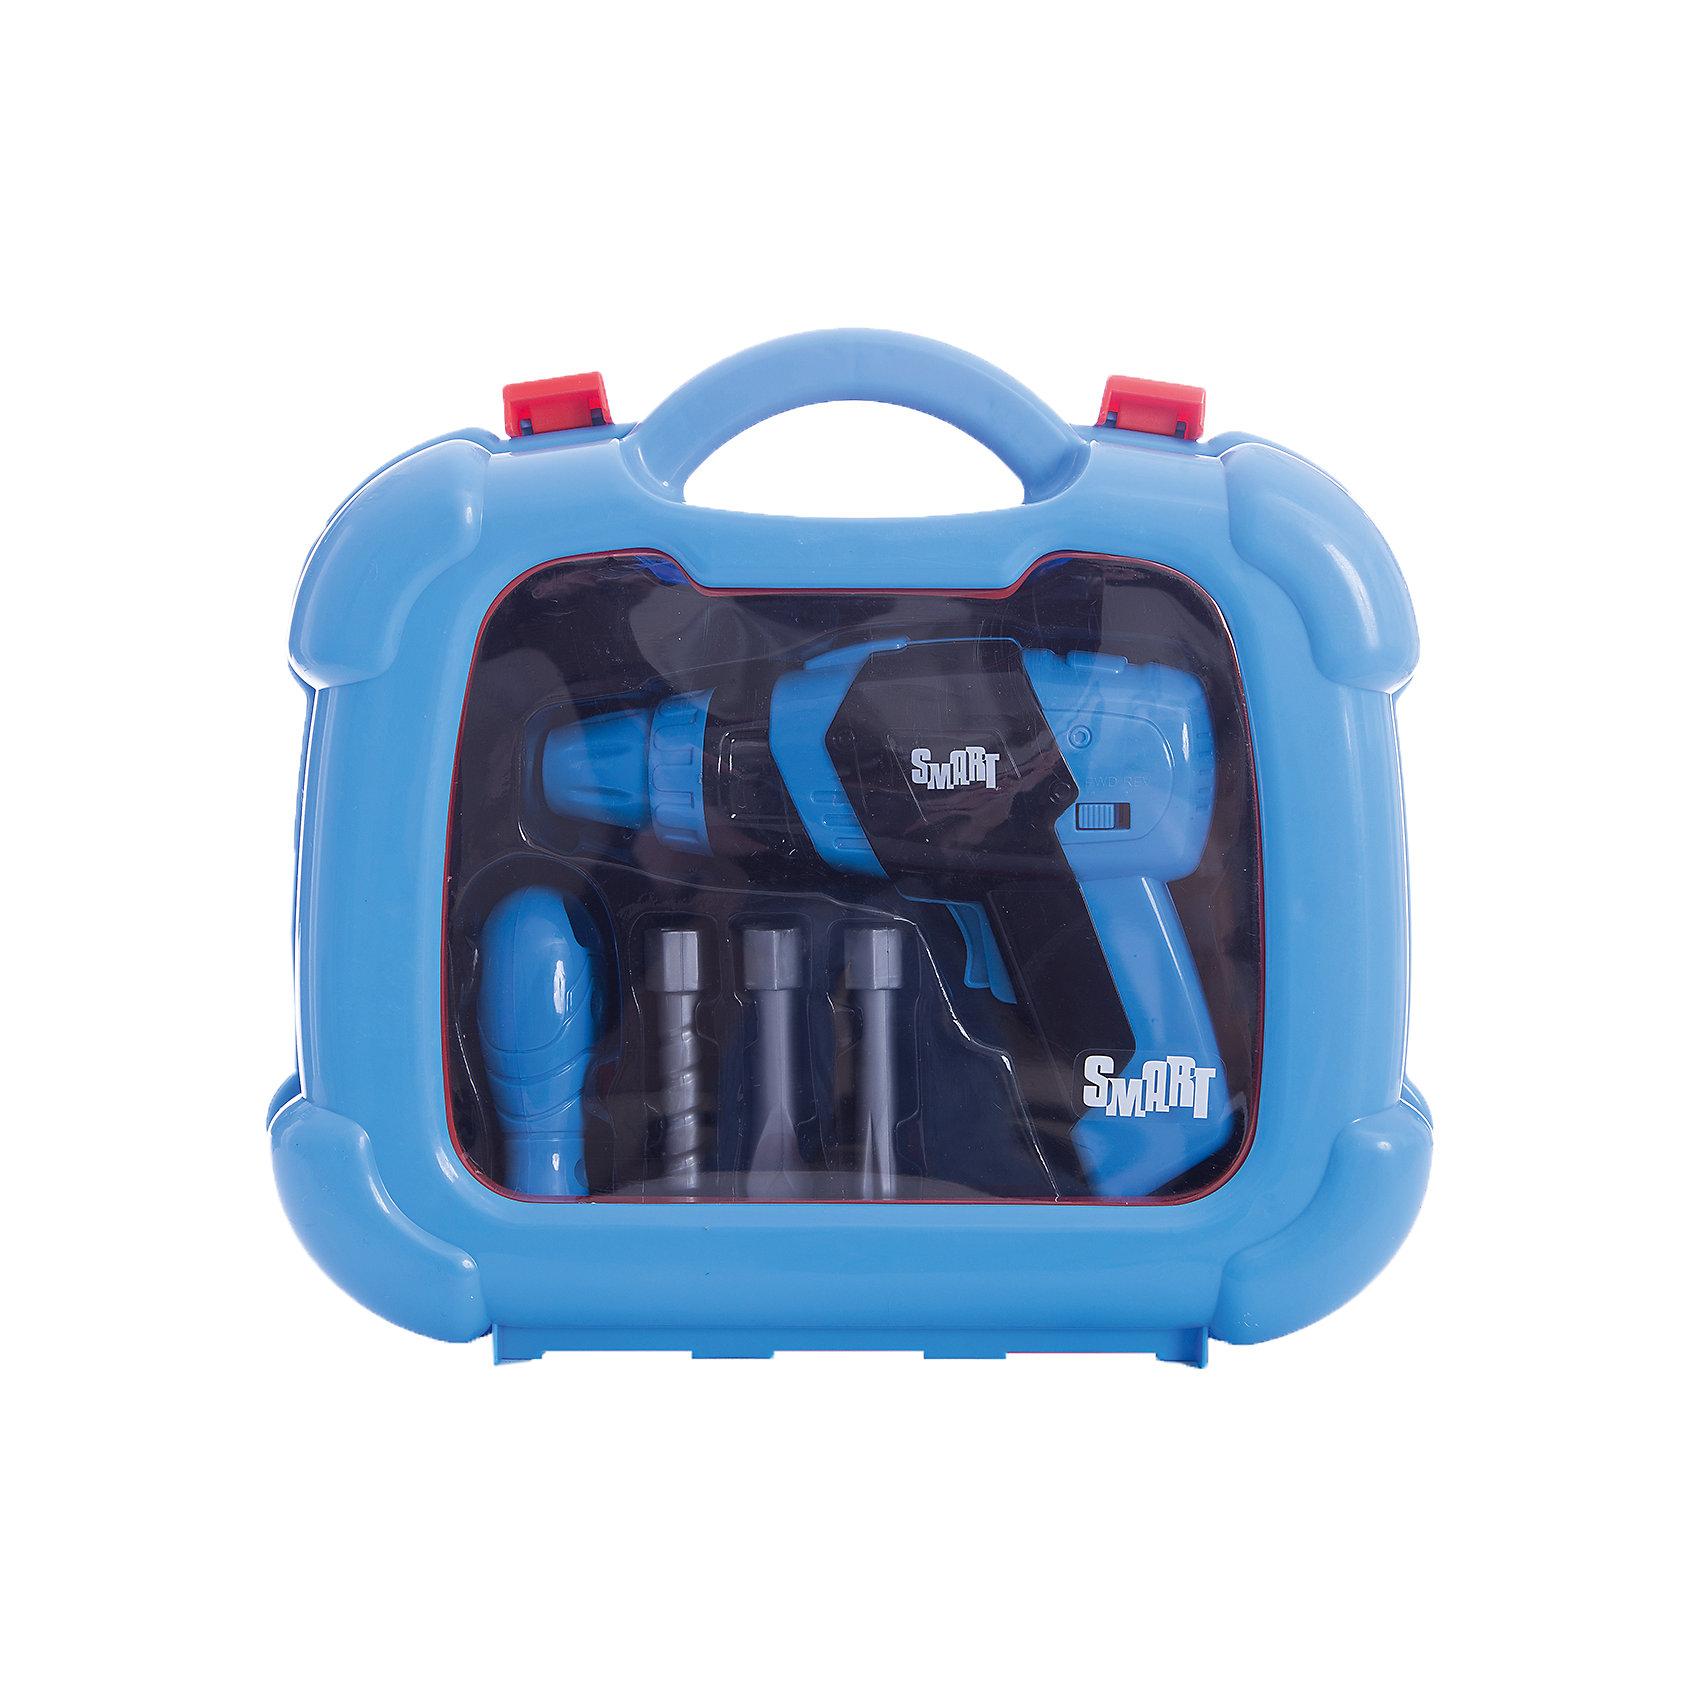 Набор инструментов Smart, HTIМастерская и инструменты<br>Набор инструментов Smart, HTI.<br><br>Характеристика: <br><br>• Материал: пластик. <br>• Размер упаковки: 28x24,4x8,5 см. <br>• Комплектация: дрель, отвёртка, насадки, чемоданчик. <br>• Удобные застежки. <br>• Ручка для переноски. <br>• Реалистичная детализация. <br><br>Набор инструментов - то, что нужно каждому юному строителю. В этом чемоданчике есть множество аксессуаров, с которыми ваш малыш почувствует себя настоящим мастером. Все детали набора отлично проработаны и выглядят как настоящие. Изготовлены из высококачественного прочного пластика безопасного для детей. <br><br>Набор инструментов Smart, HTI, можно купить в нашем интернет-магазине.<br><br>Ширина мм: 240<br>Глубина мм: 250<br>Высота мм: 75<br>Вес г: 500<br>Возраст от месяцев: 36<br>Возраст до месяцев: 168<br>Пол: Мужской<br>Возраст: Детский<br>SKU: 5366548